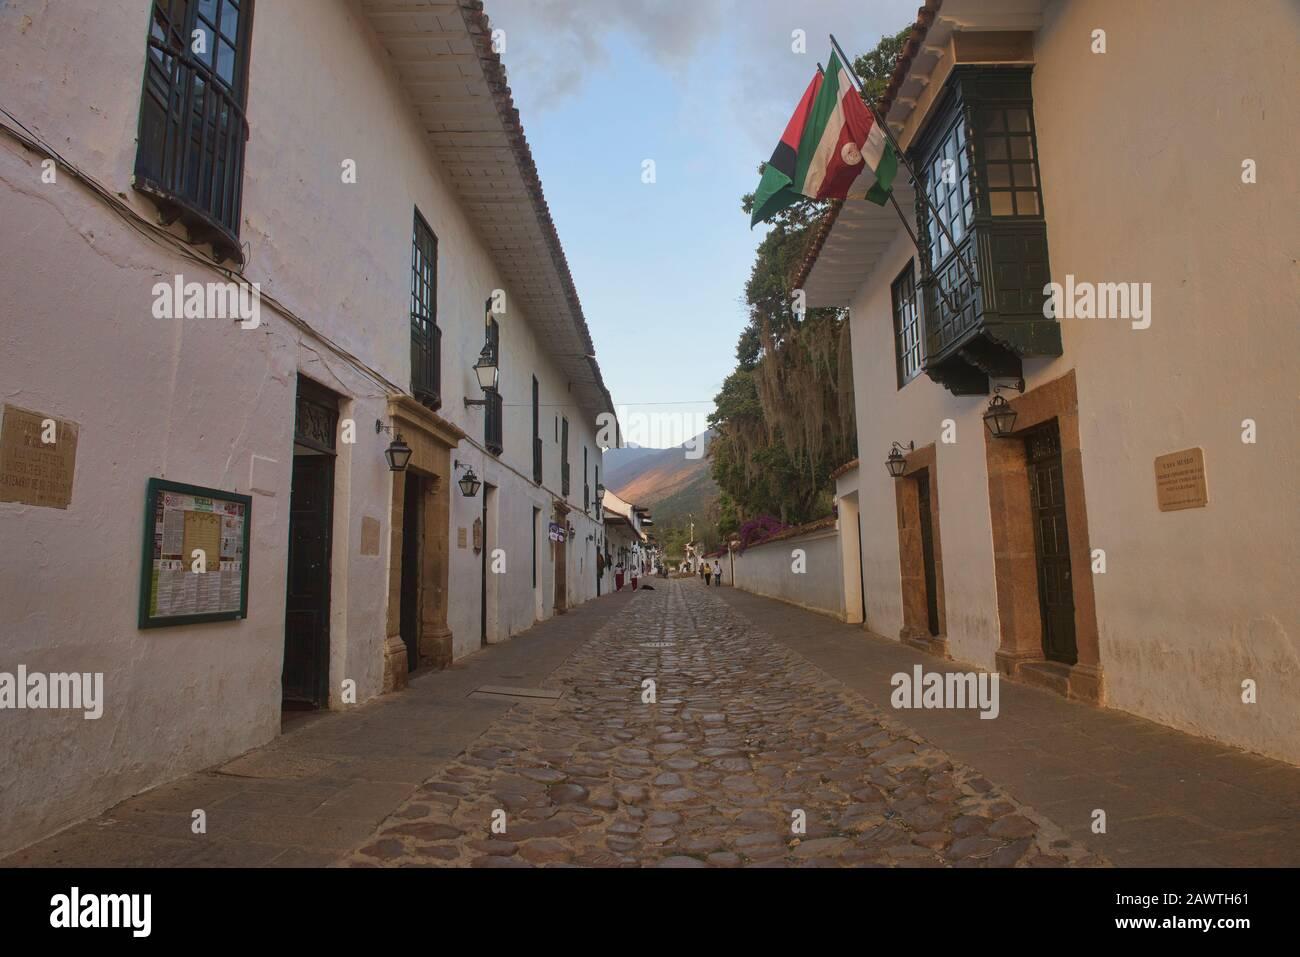 Strade acciottolate in affascinante villa coloniale de Leyva, Boyaca, Colombia Foto Stock